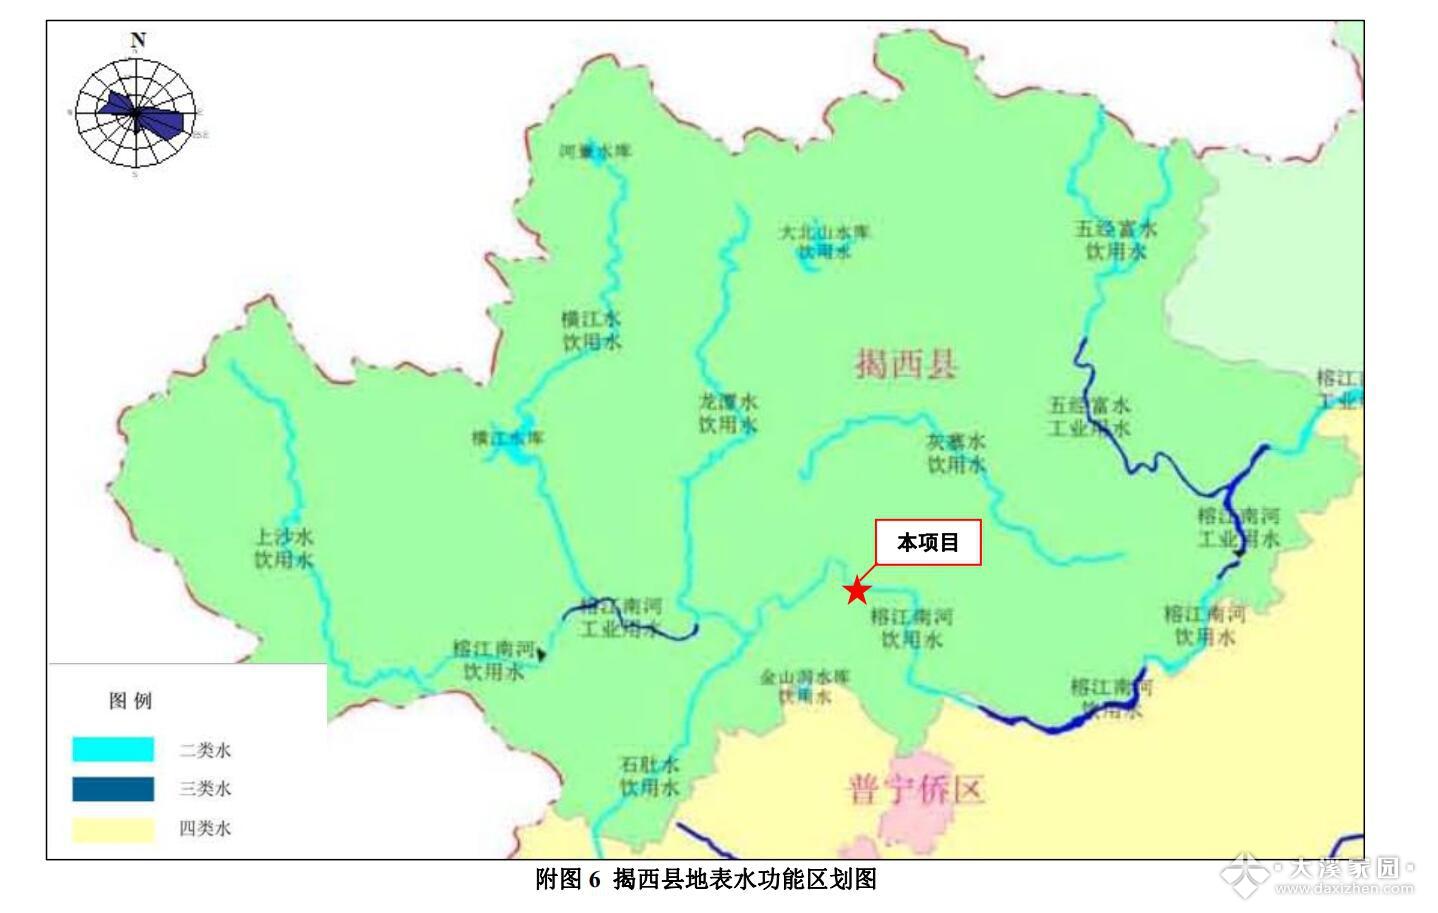 揭西县地表水功能区划图.jpg